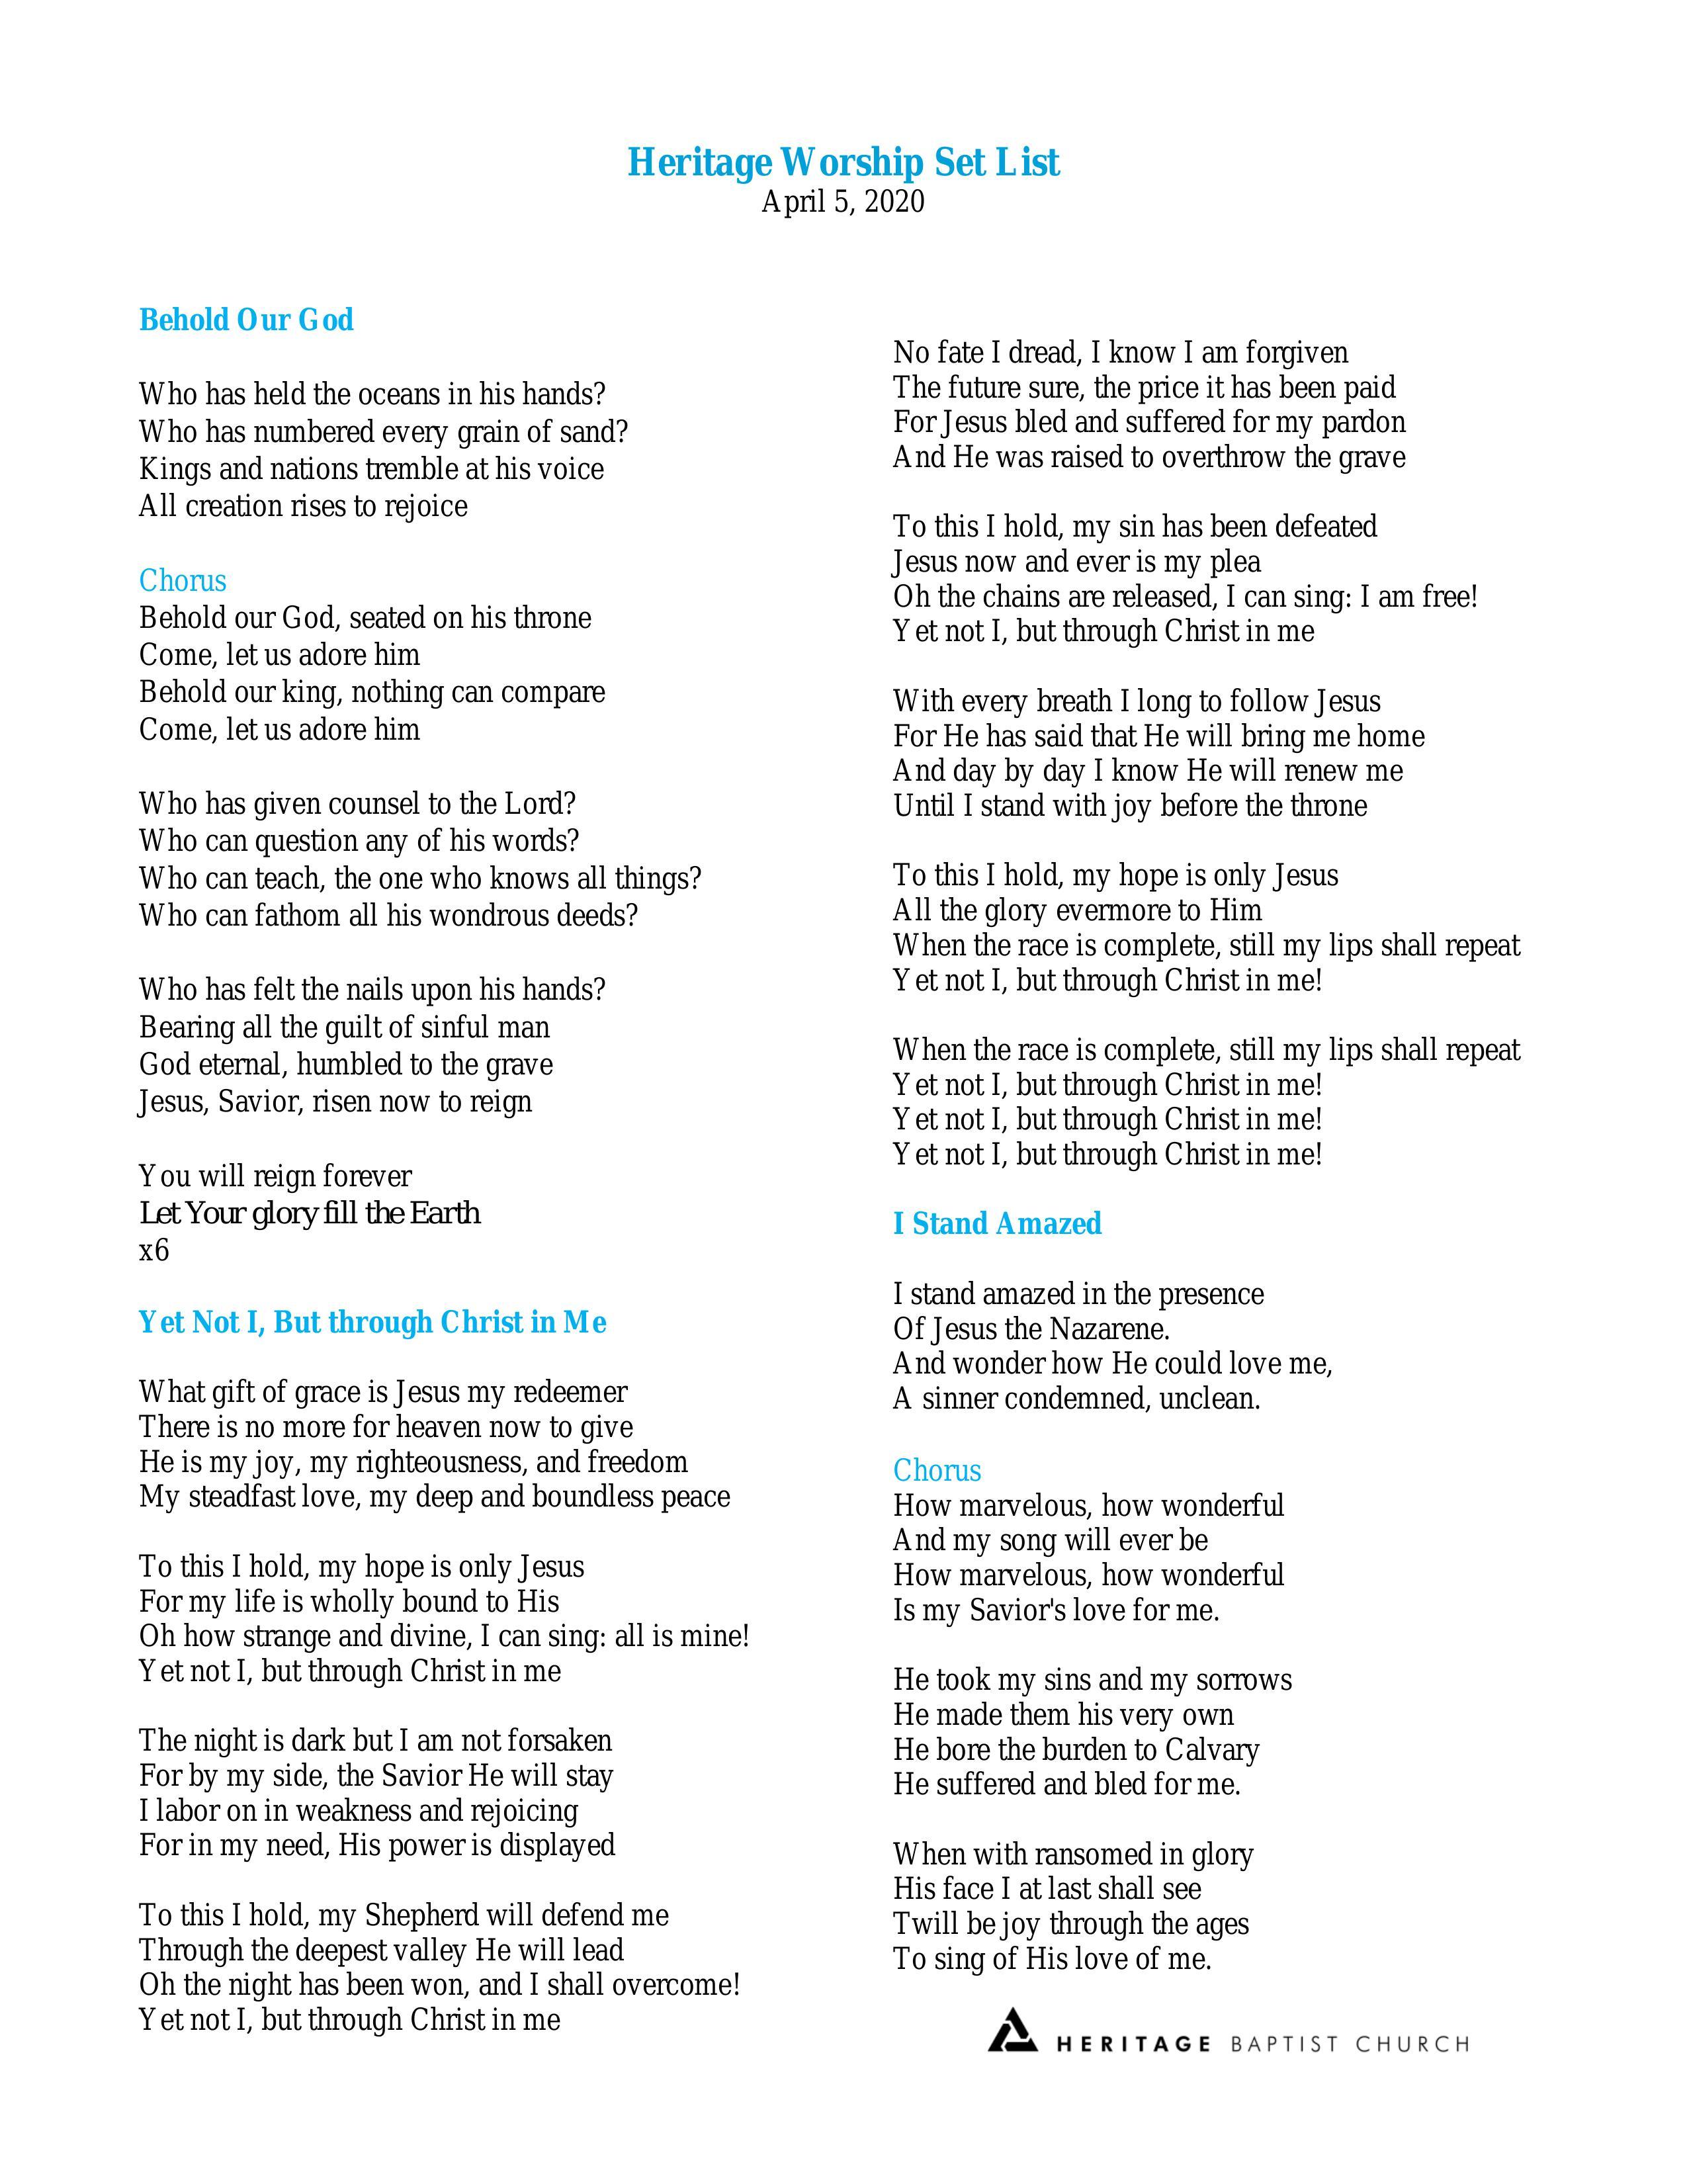 Lyrics 4-5 (1)